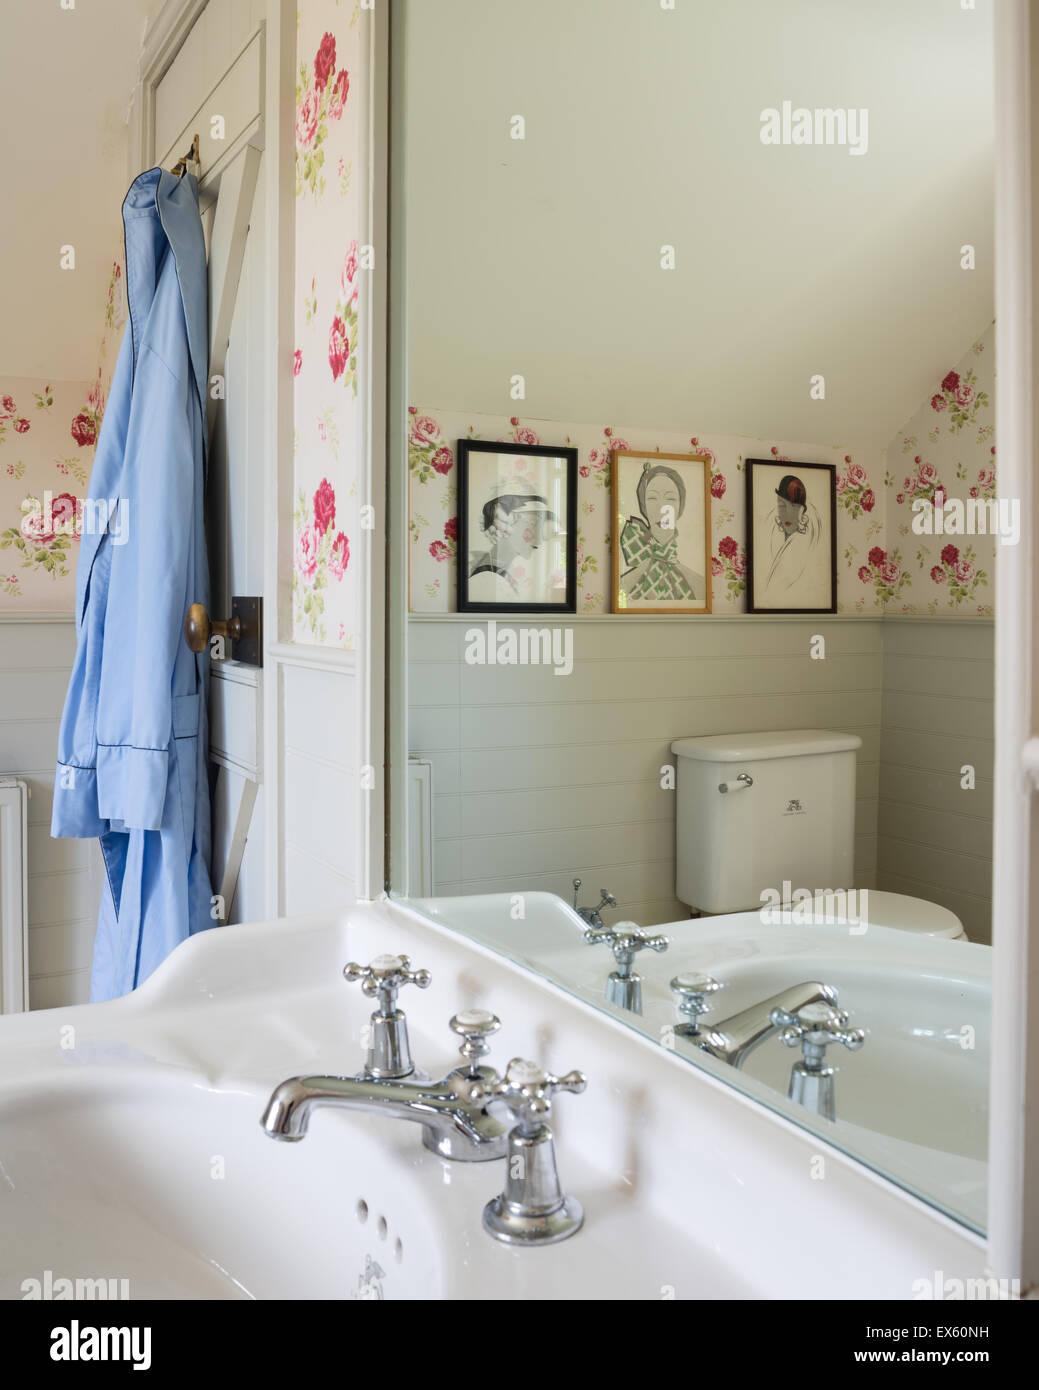 perfect cath kidston papier peint dans une salle de bains privative avec cottage simple mode. Black Bedroom Furniture Sets. Home Design Ideas